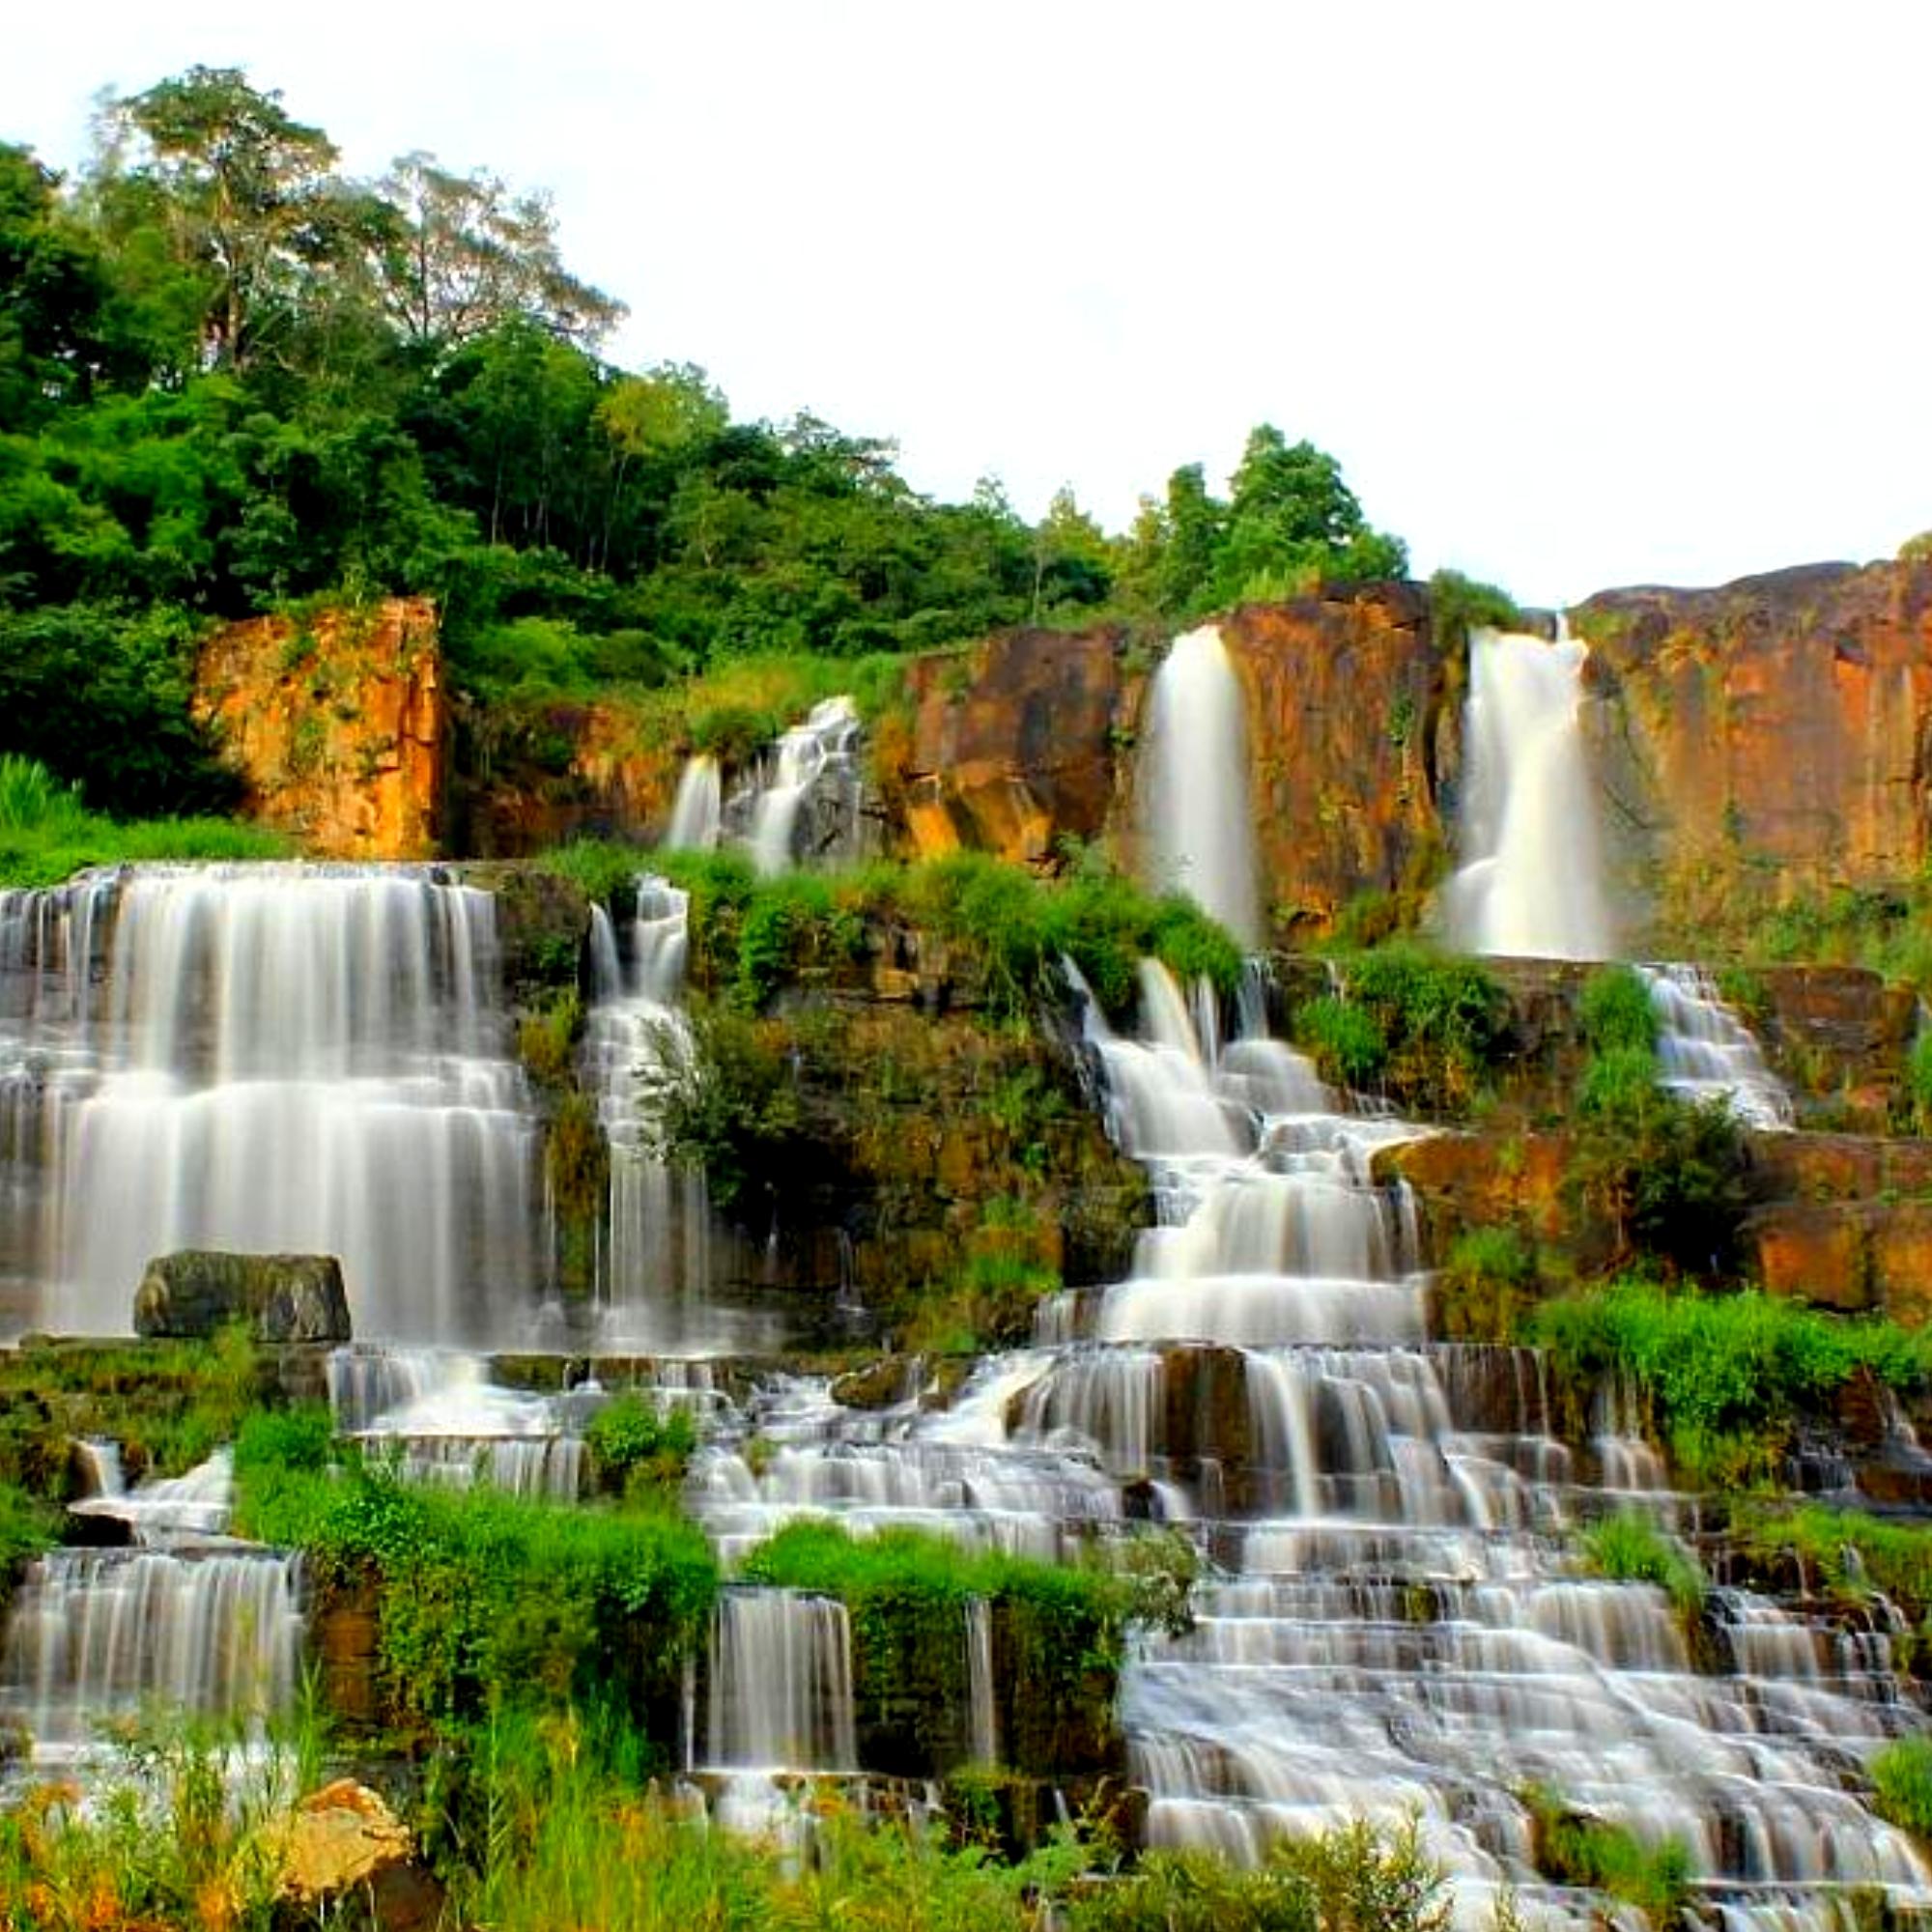 Далат и водопад Понгур - увлекательная экскурсия к истокам и традициям Вьетнама